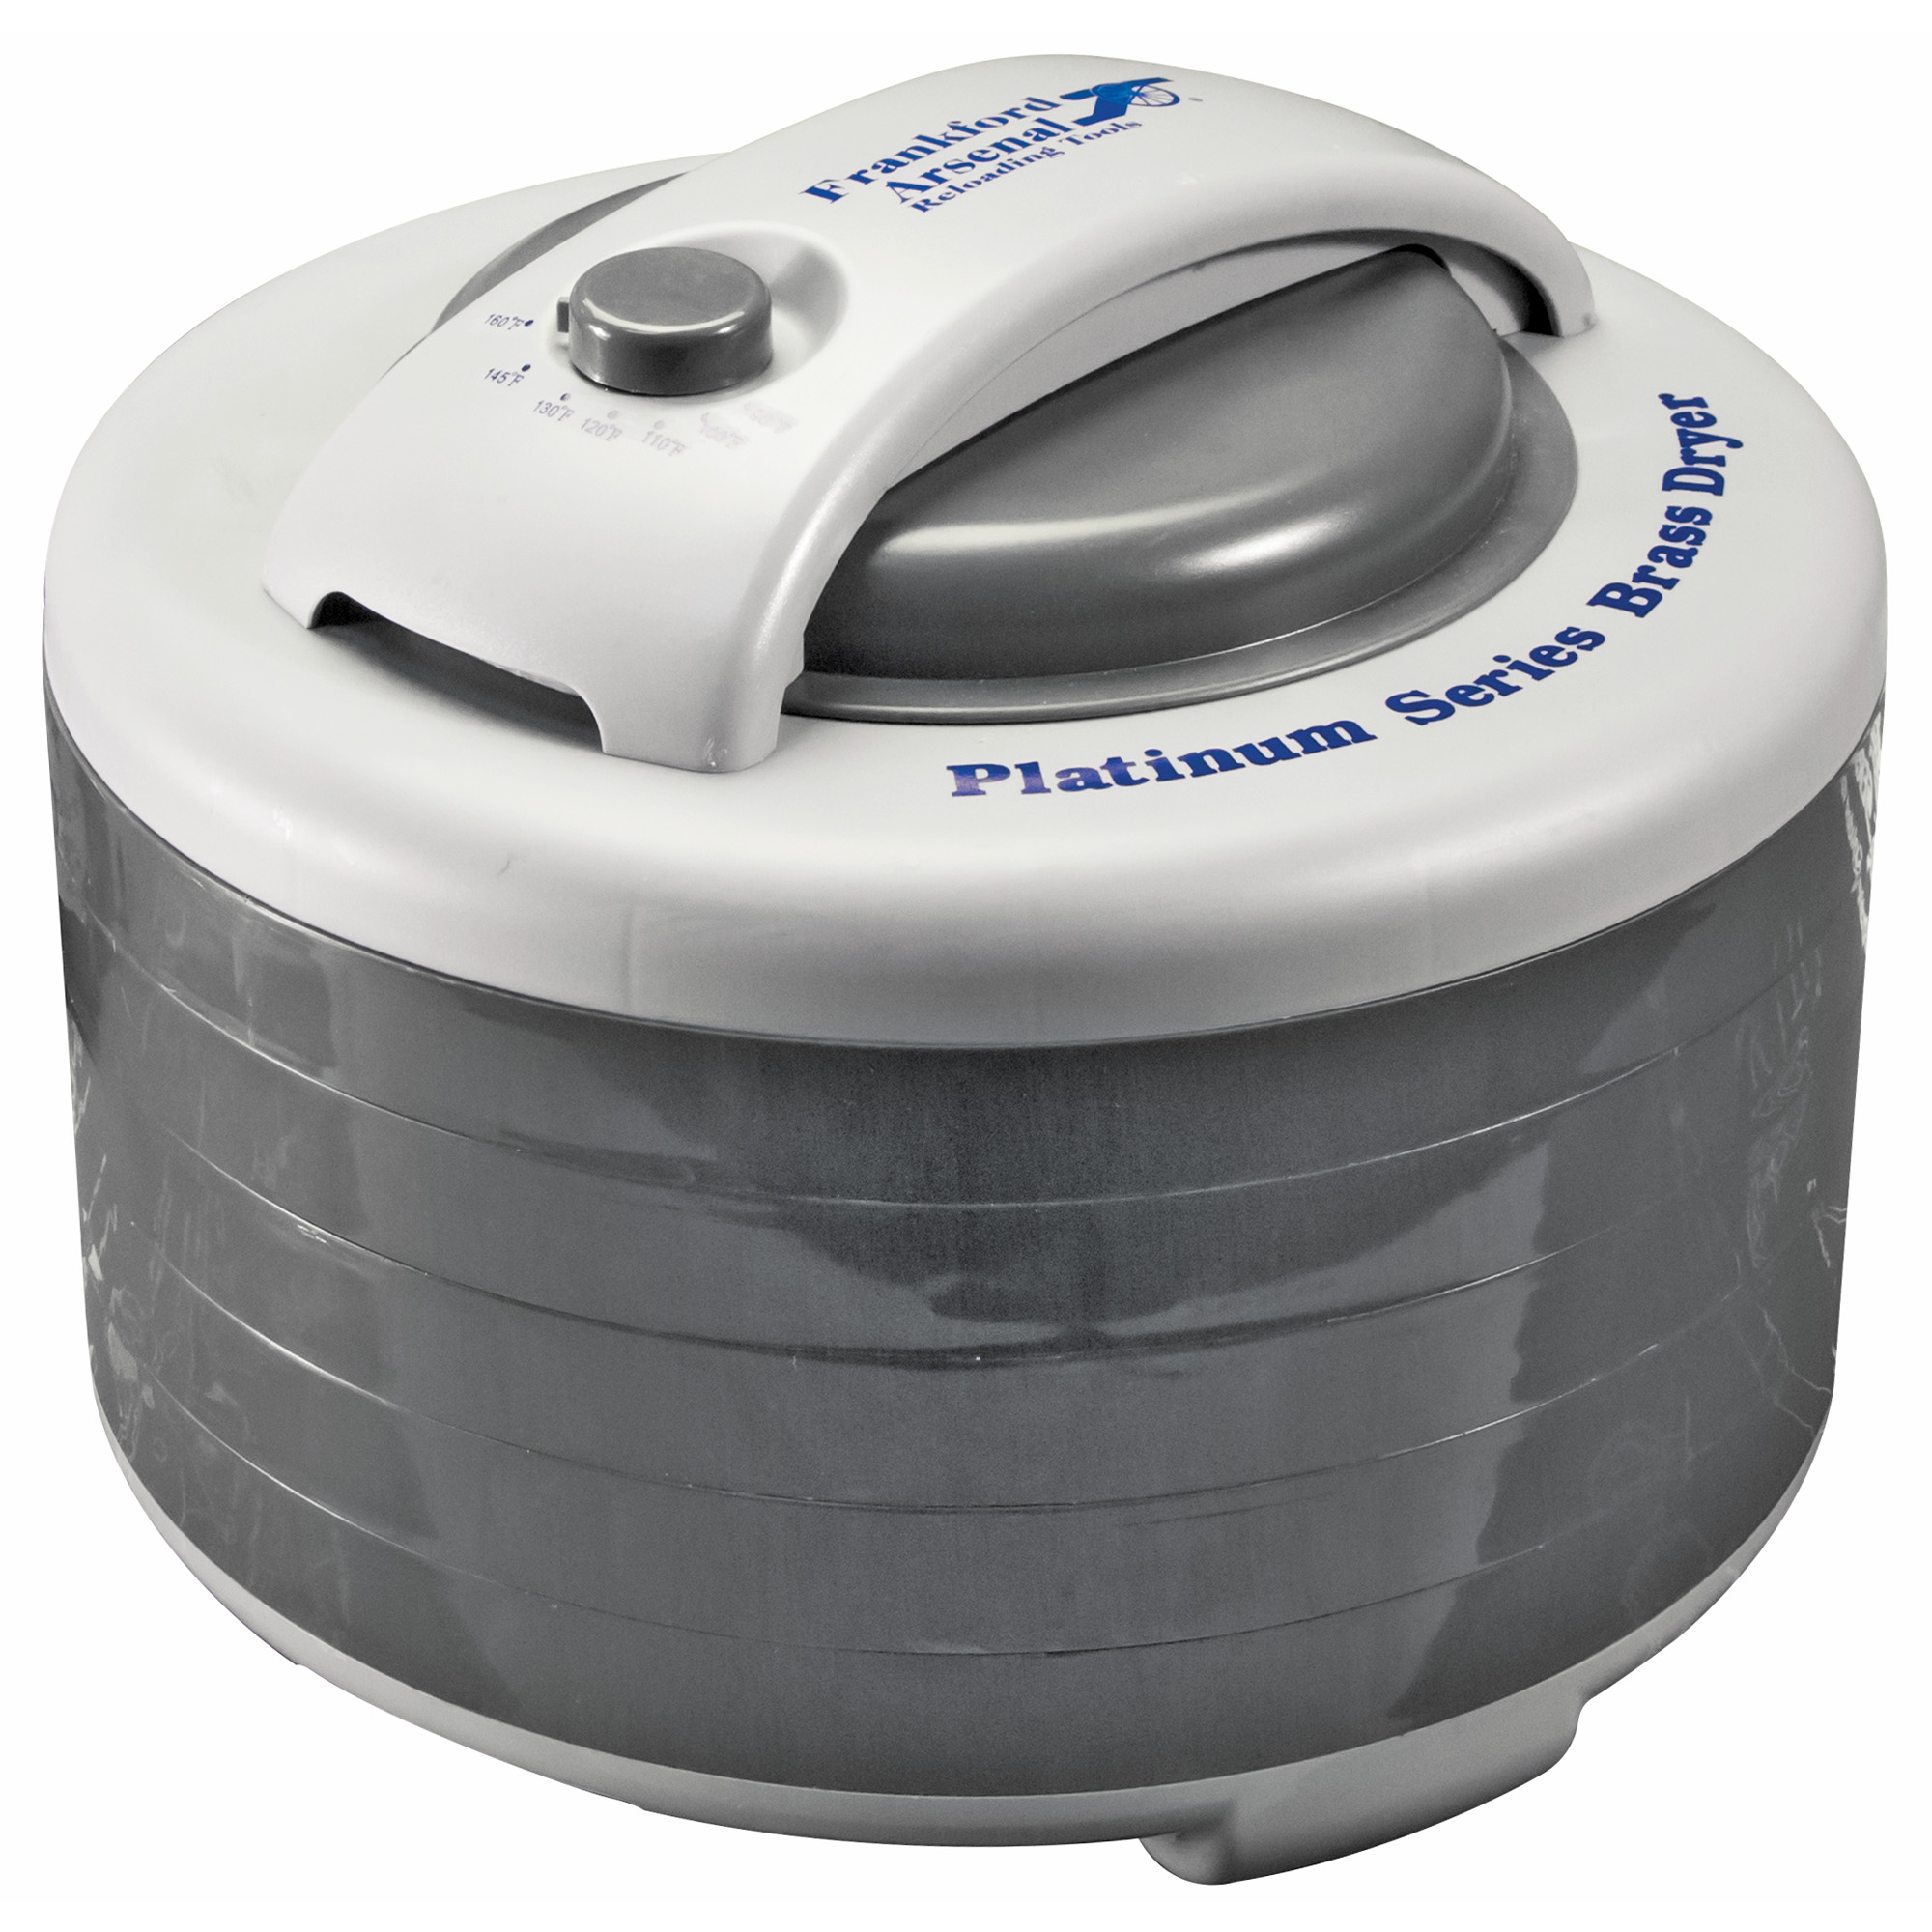 Frankford Platinum Brass Dryer